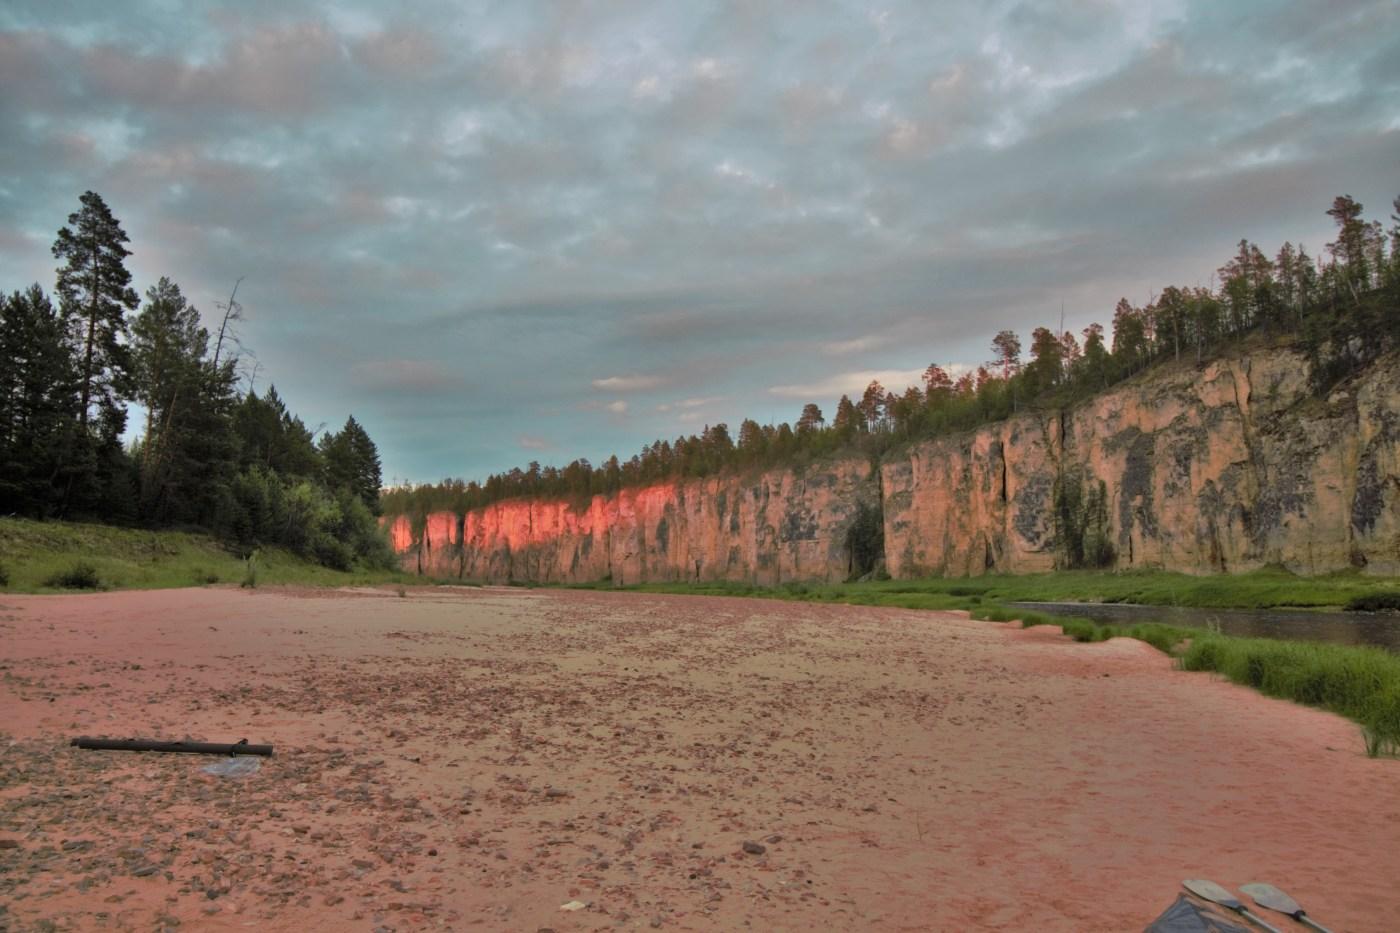 The pillars on the Lena River, Sakha Republic